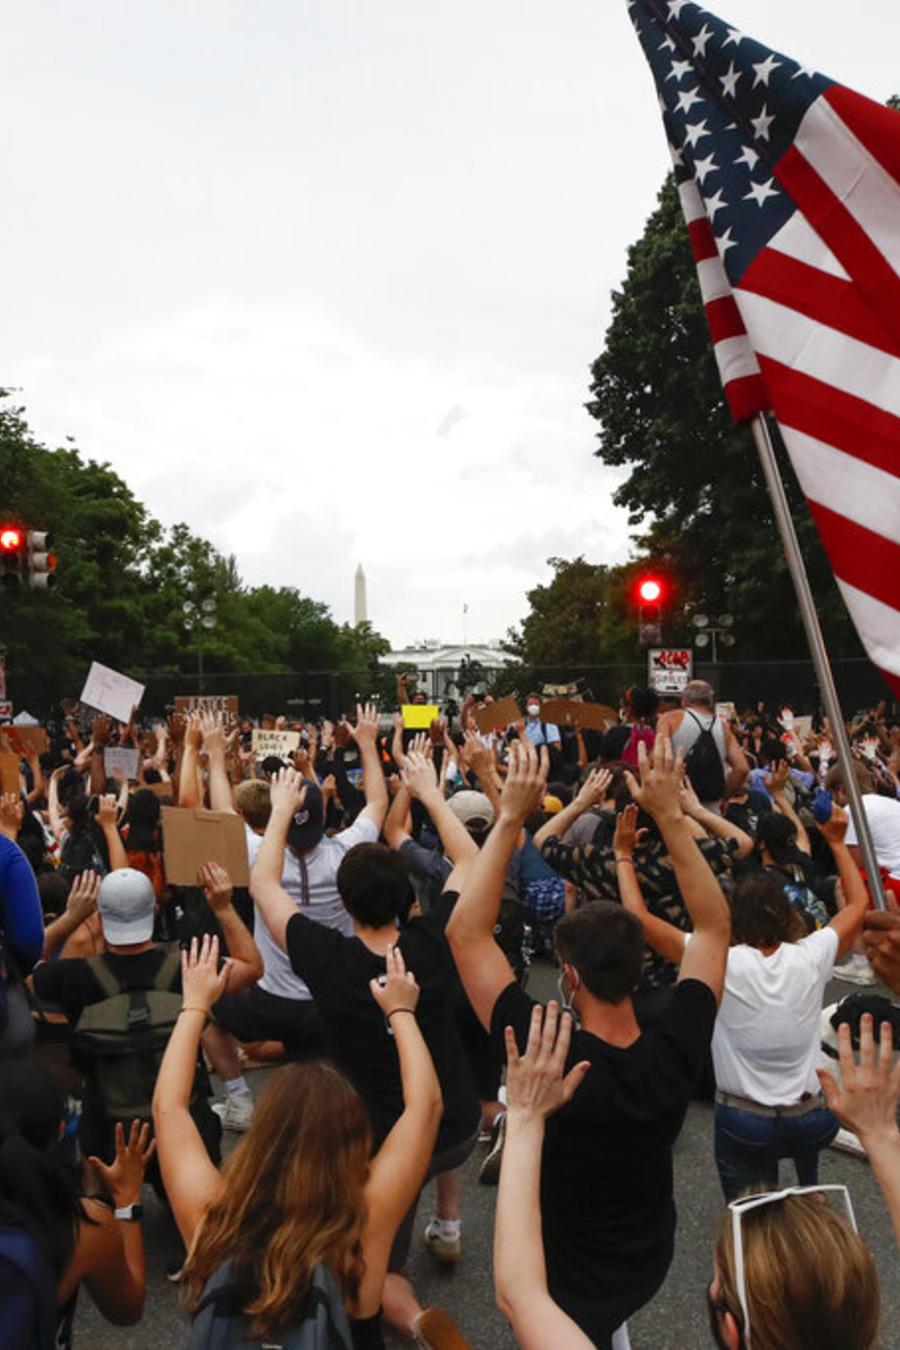 Miles de manifestantes participaron en otro día de protesta en las cercanías de la Casa Blanca contra la brutalidad policial